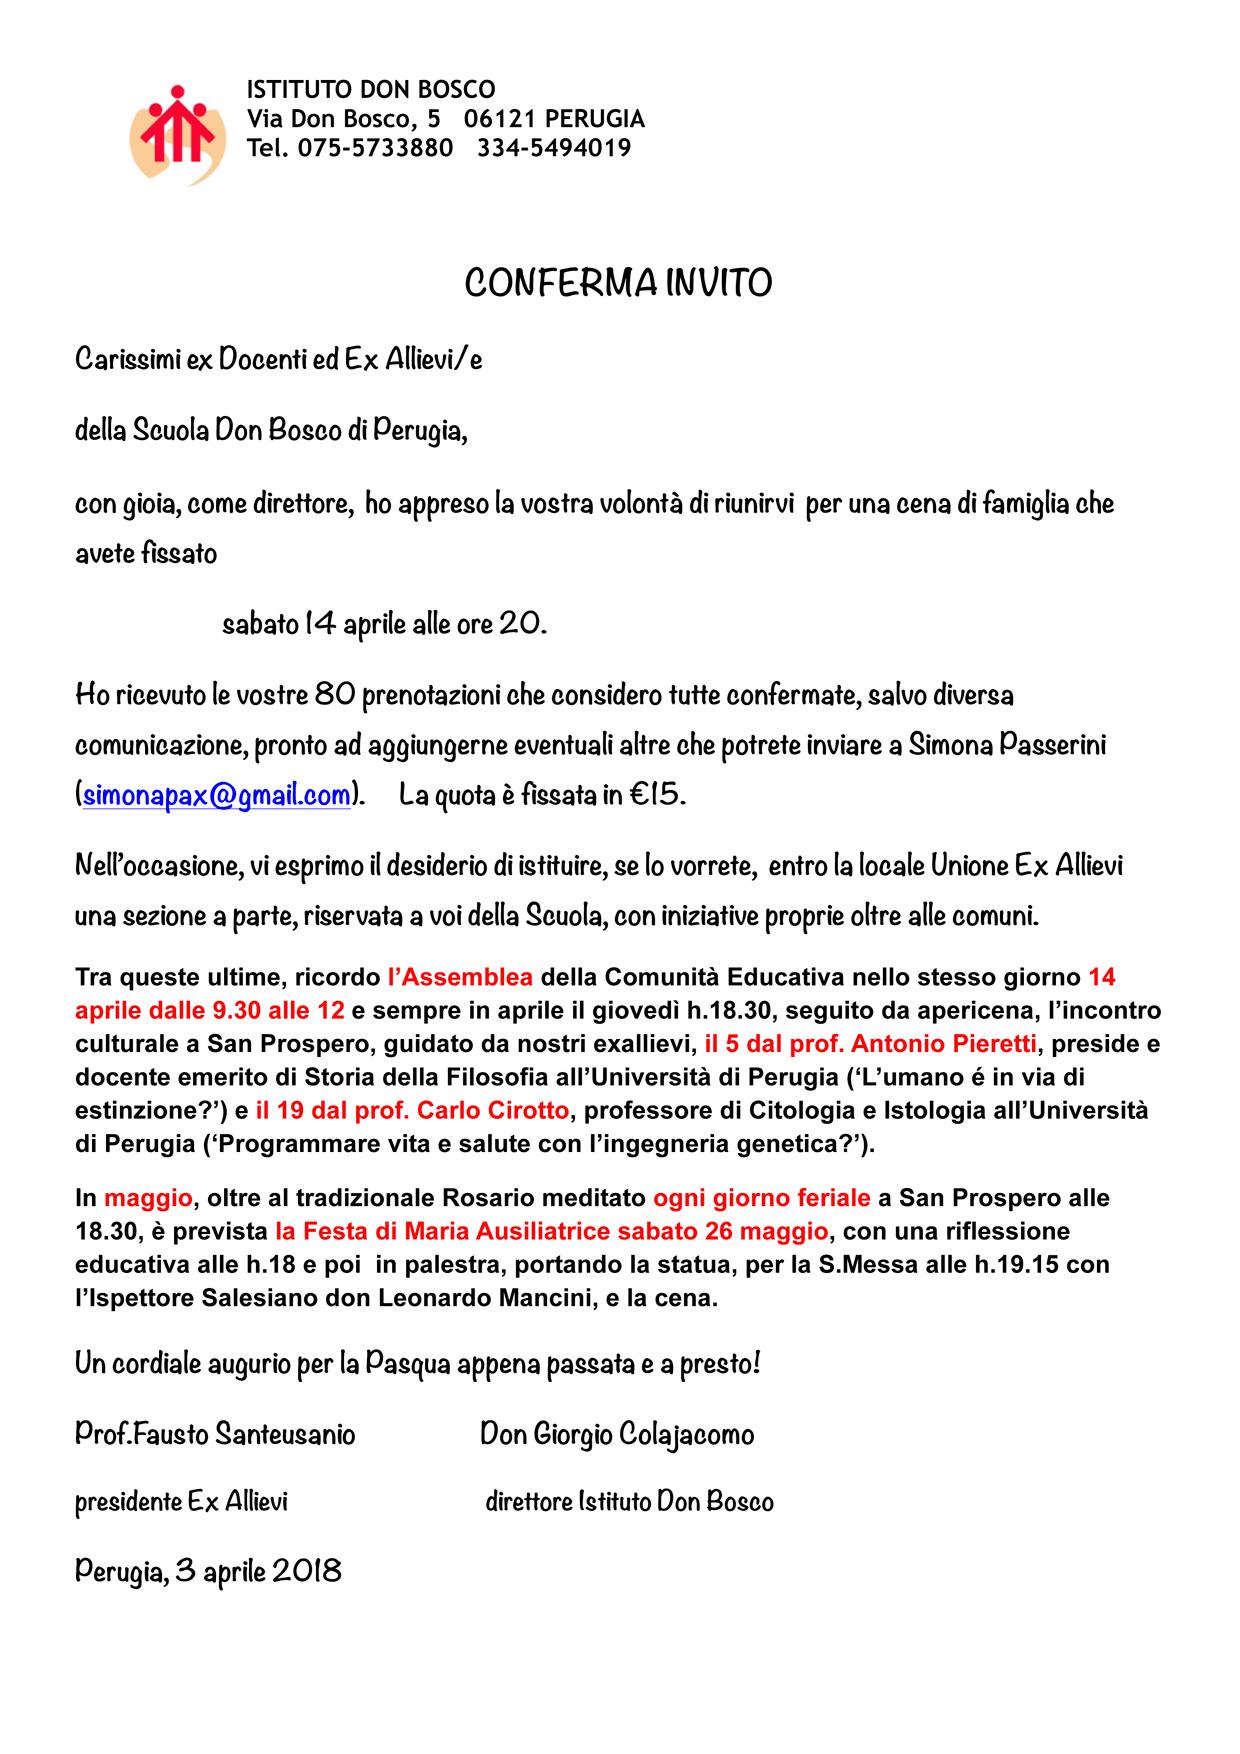 CONFERMA-INVITO-ExAllievi-SCUOLA